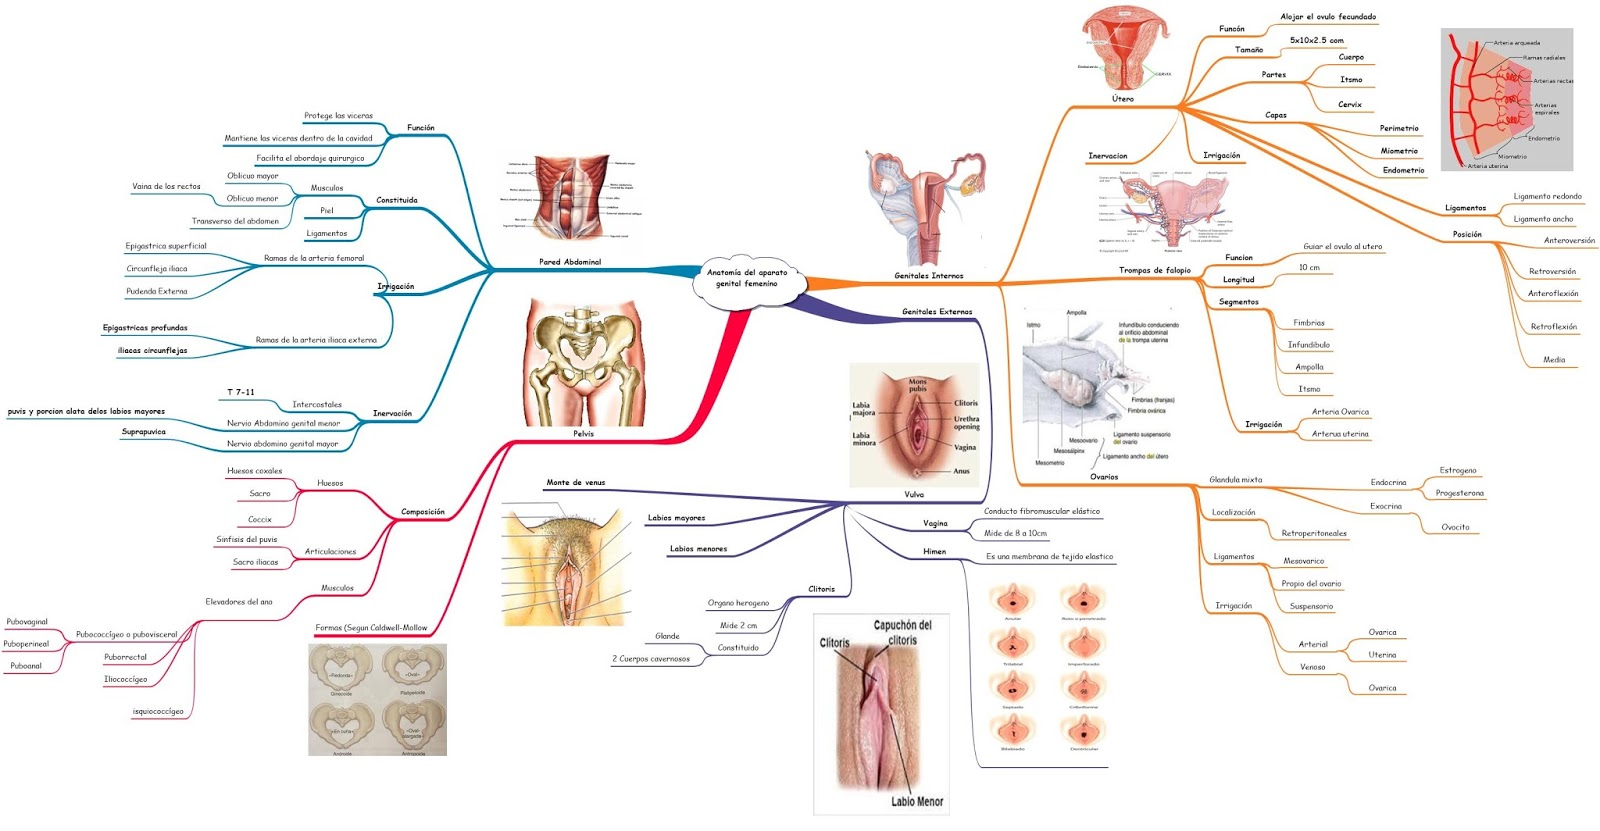 Ginecología y Obstetricia: Anatomía del aparato genital femenino